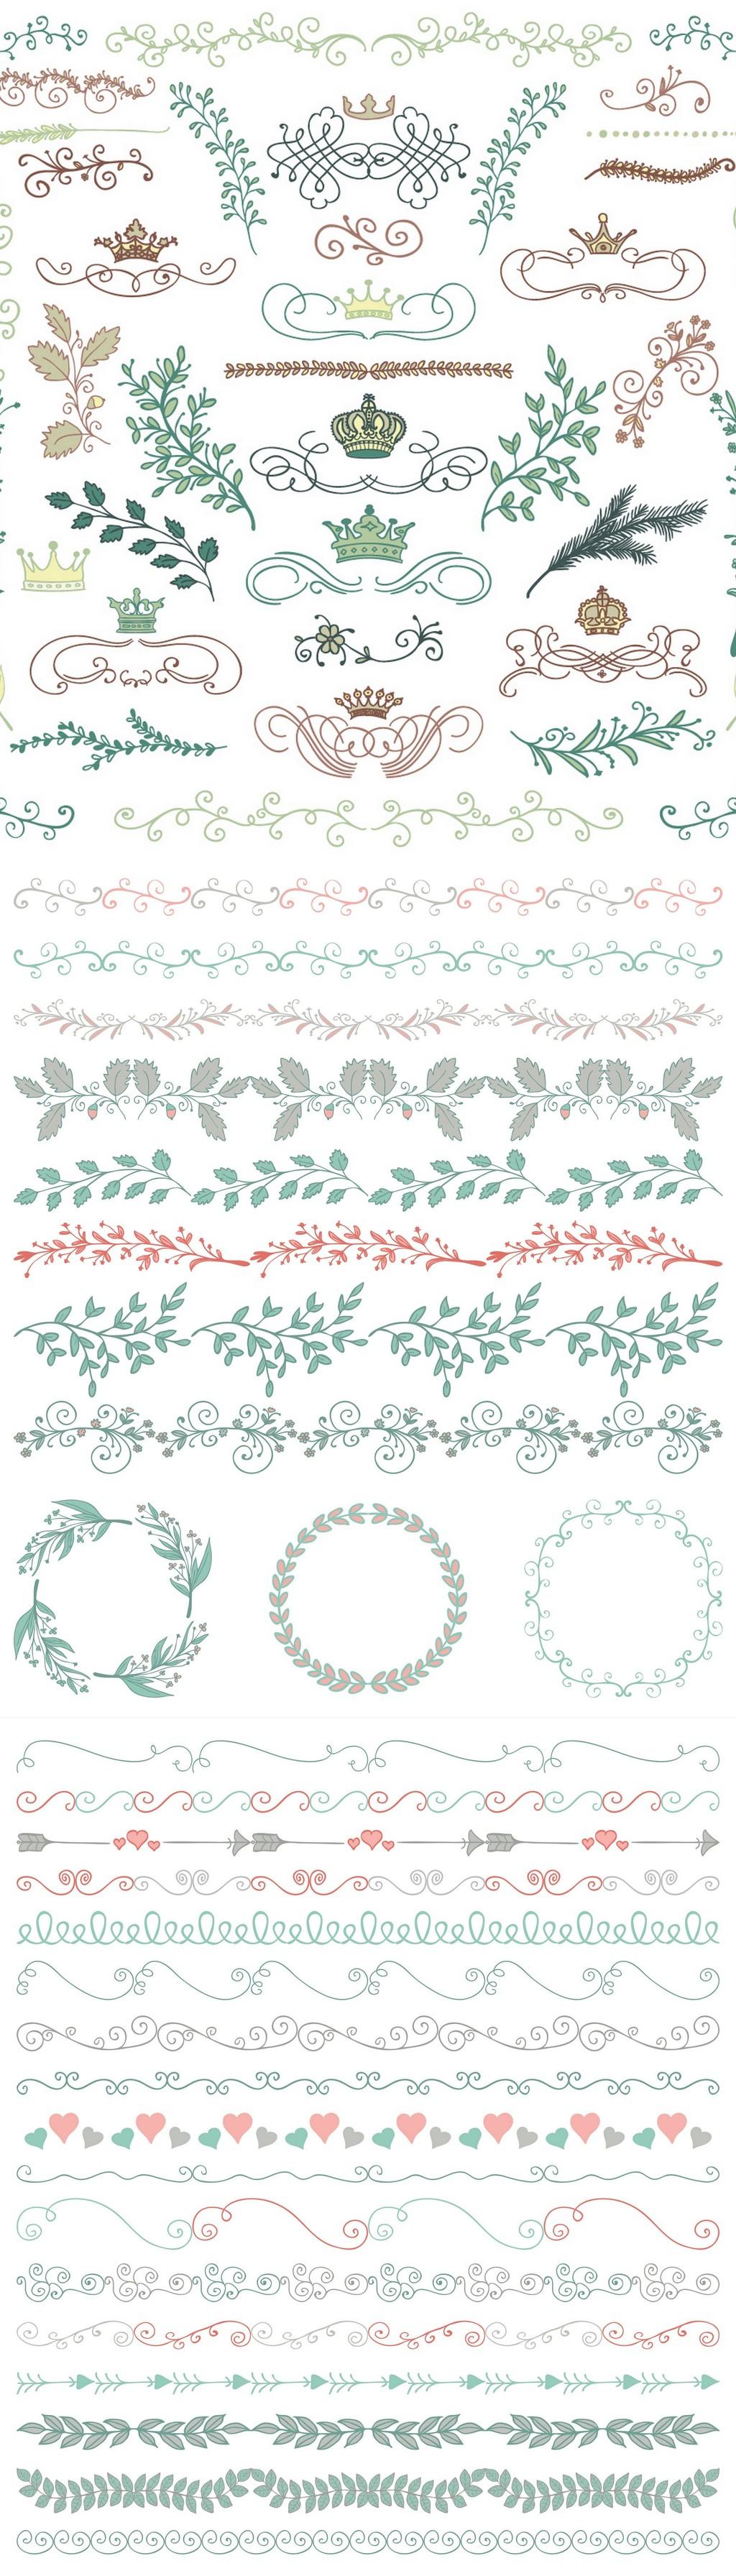 唯美水彩手绘花卉花环手绘花朵矢量素材